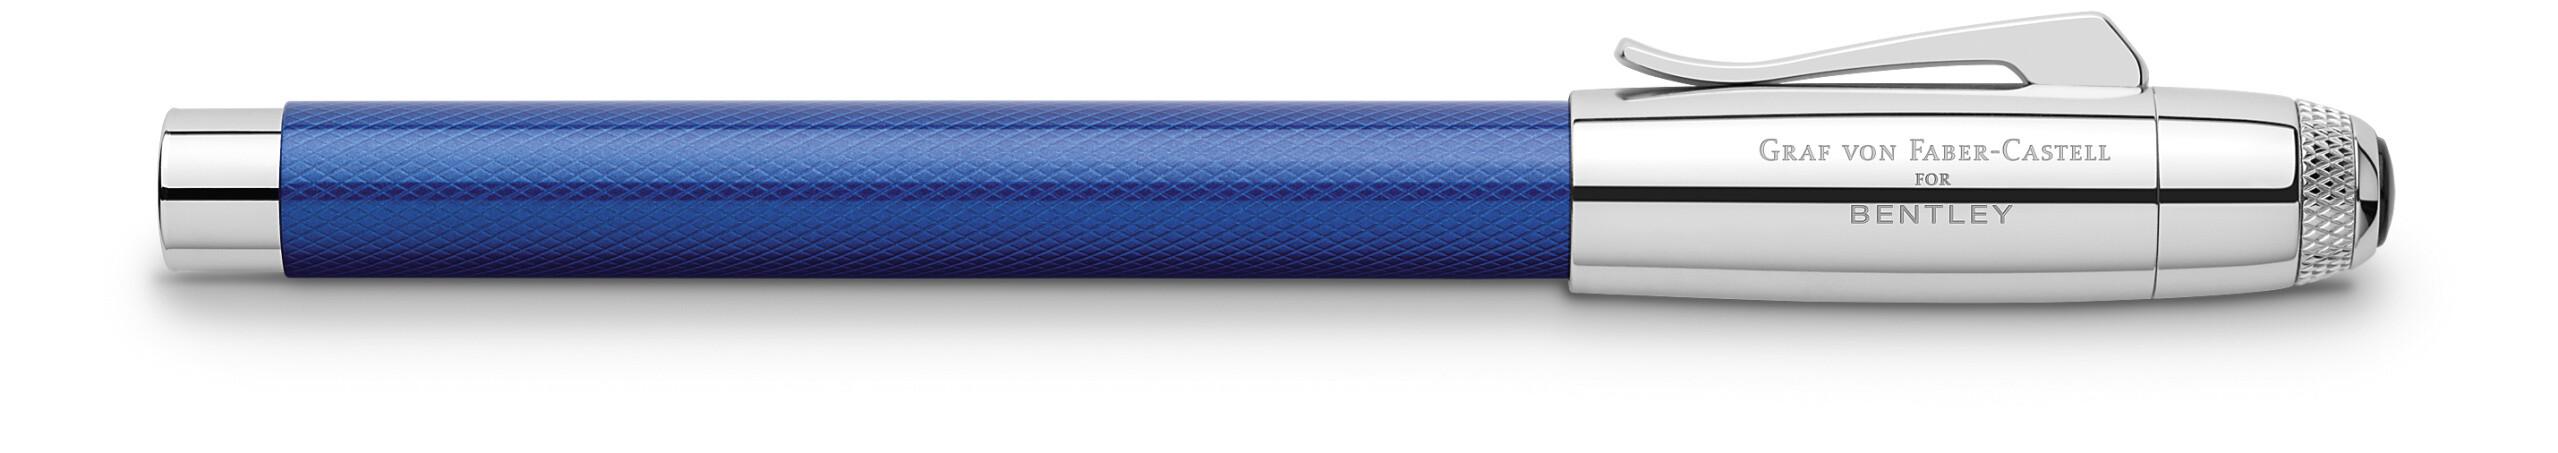 Graf von Faber-Castell Bentley Sequin Blue Tintenroller 03